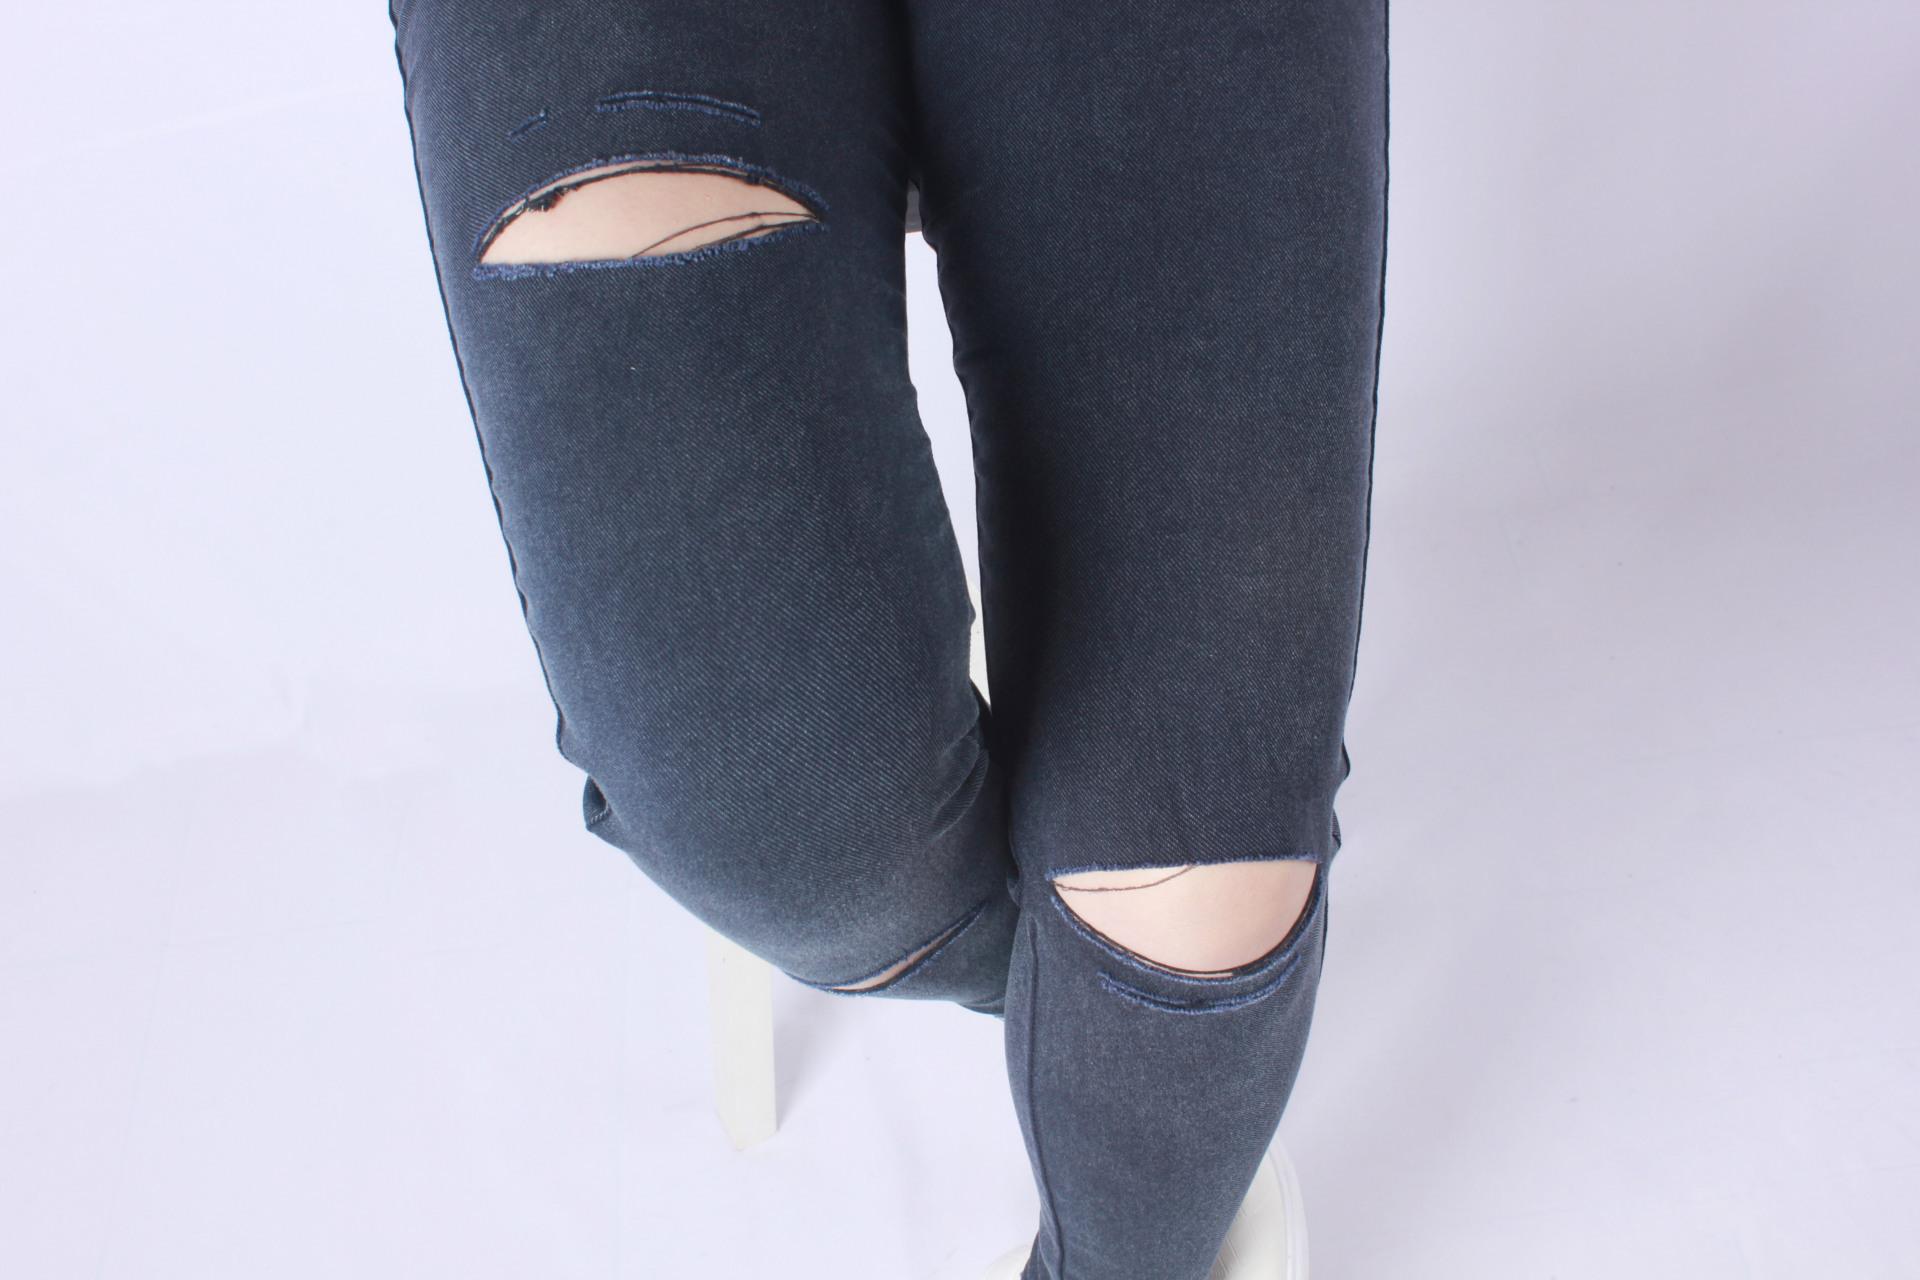 MM dengan saku pakaian luar legging sembilan poin celana kaki celana (Tepi merah lubang biru